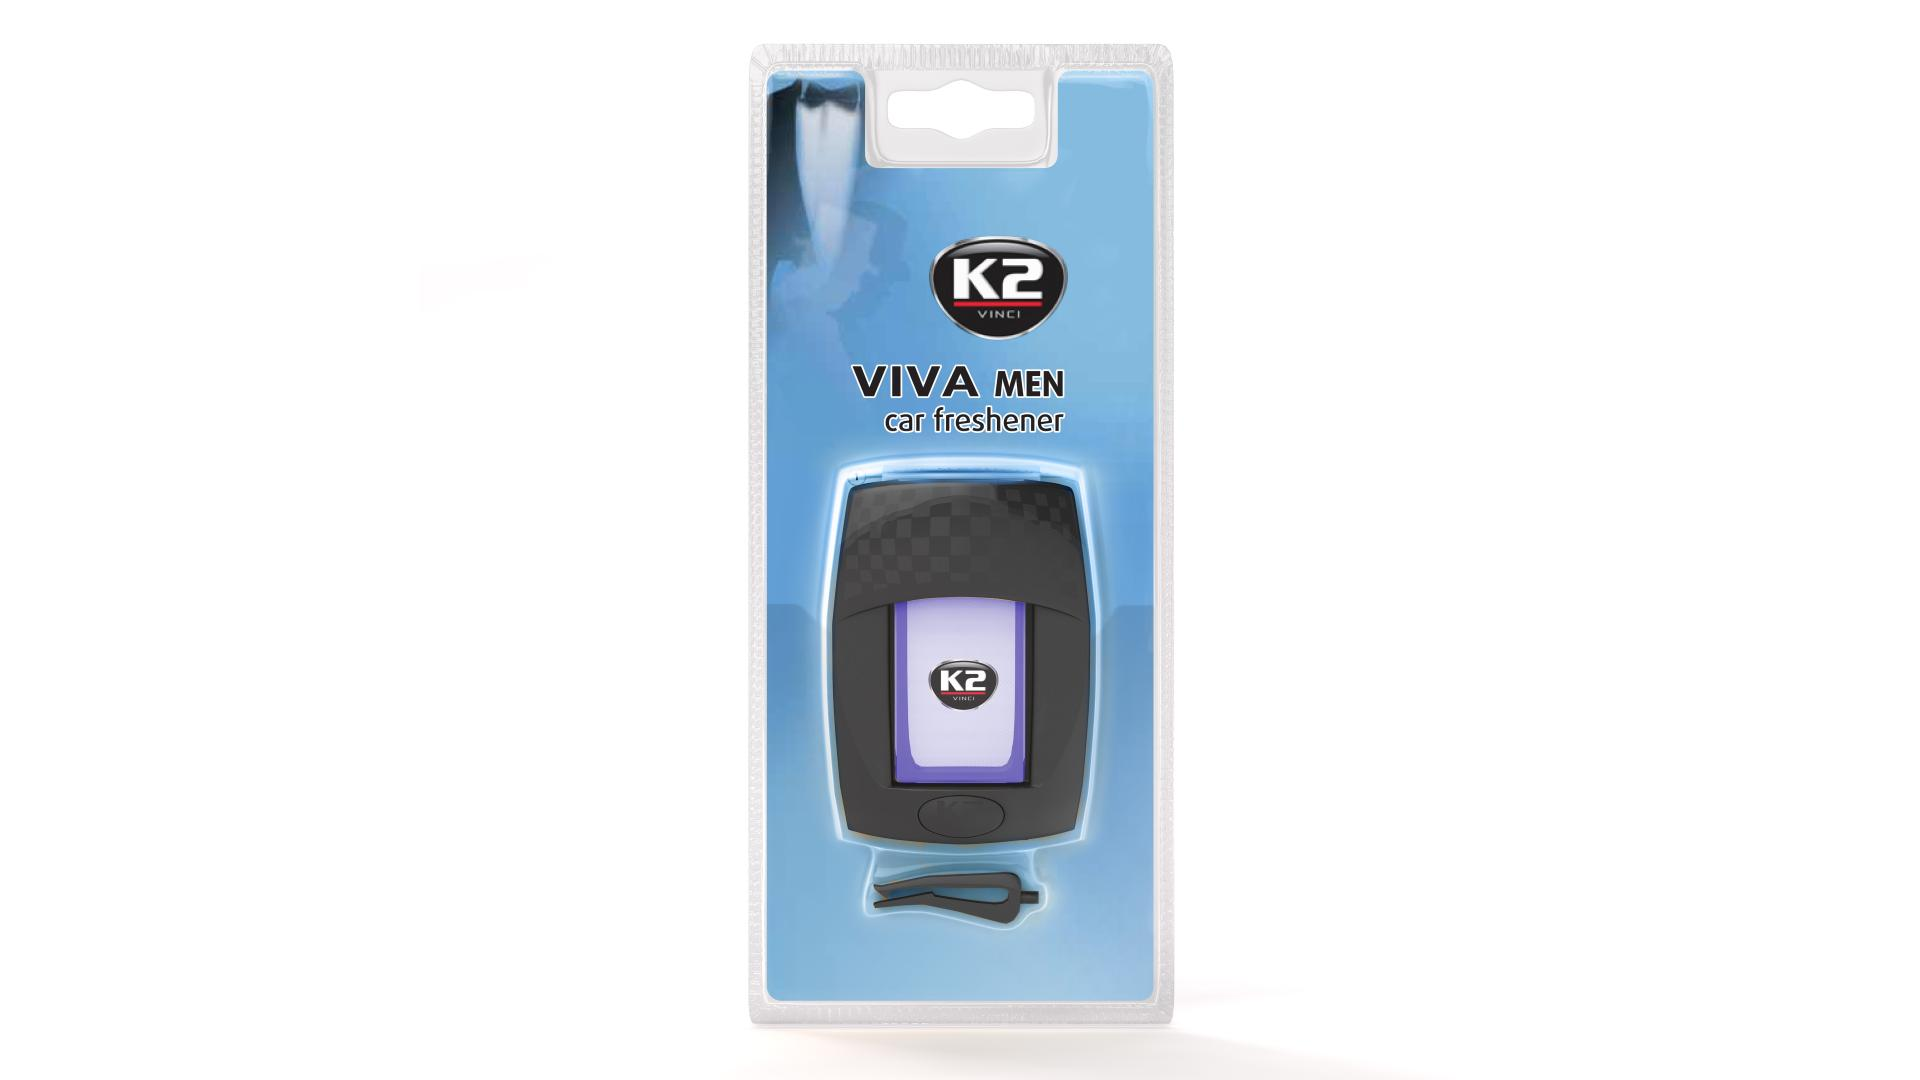 K2 VIVA MEN